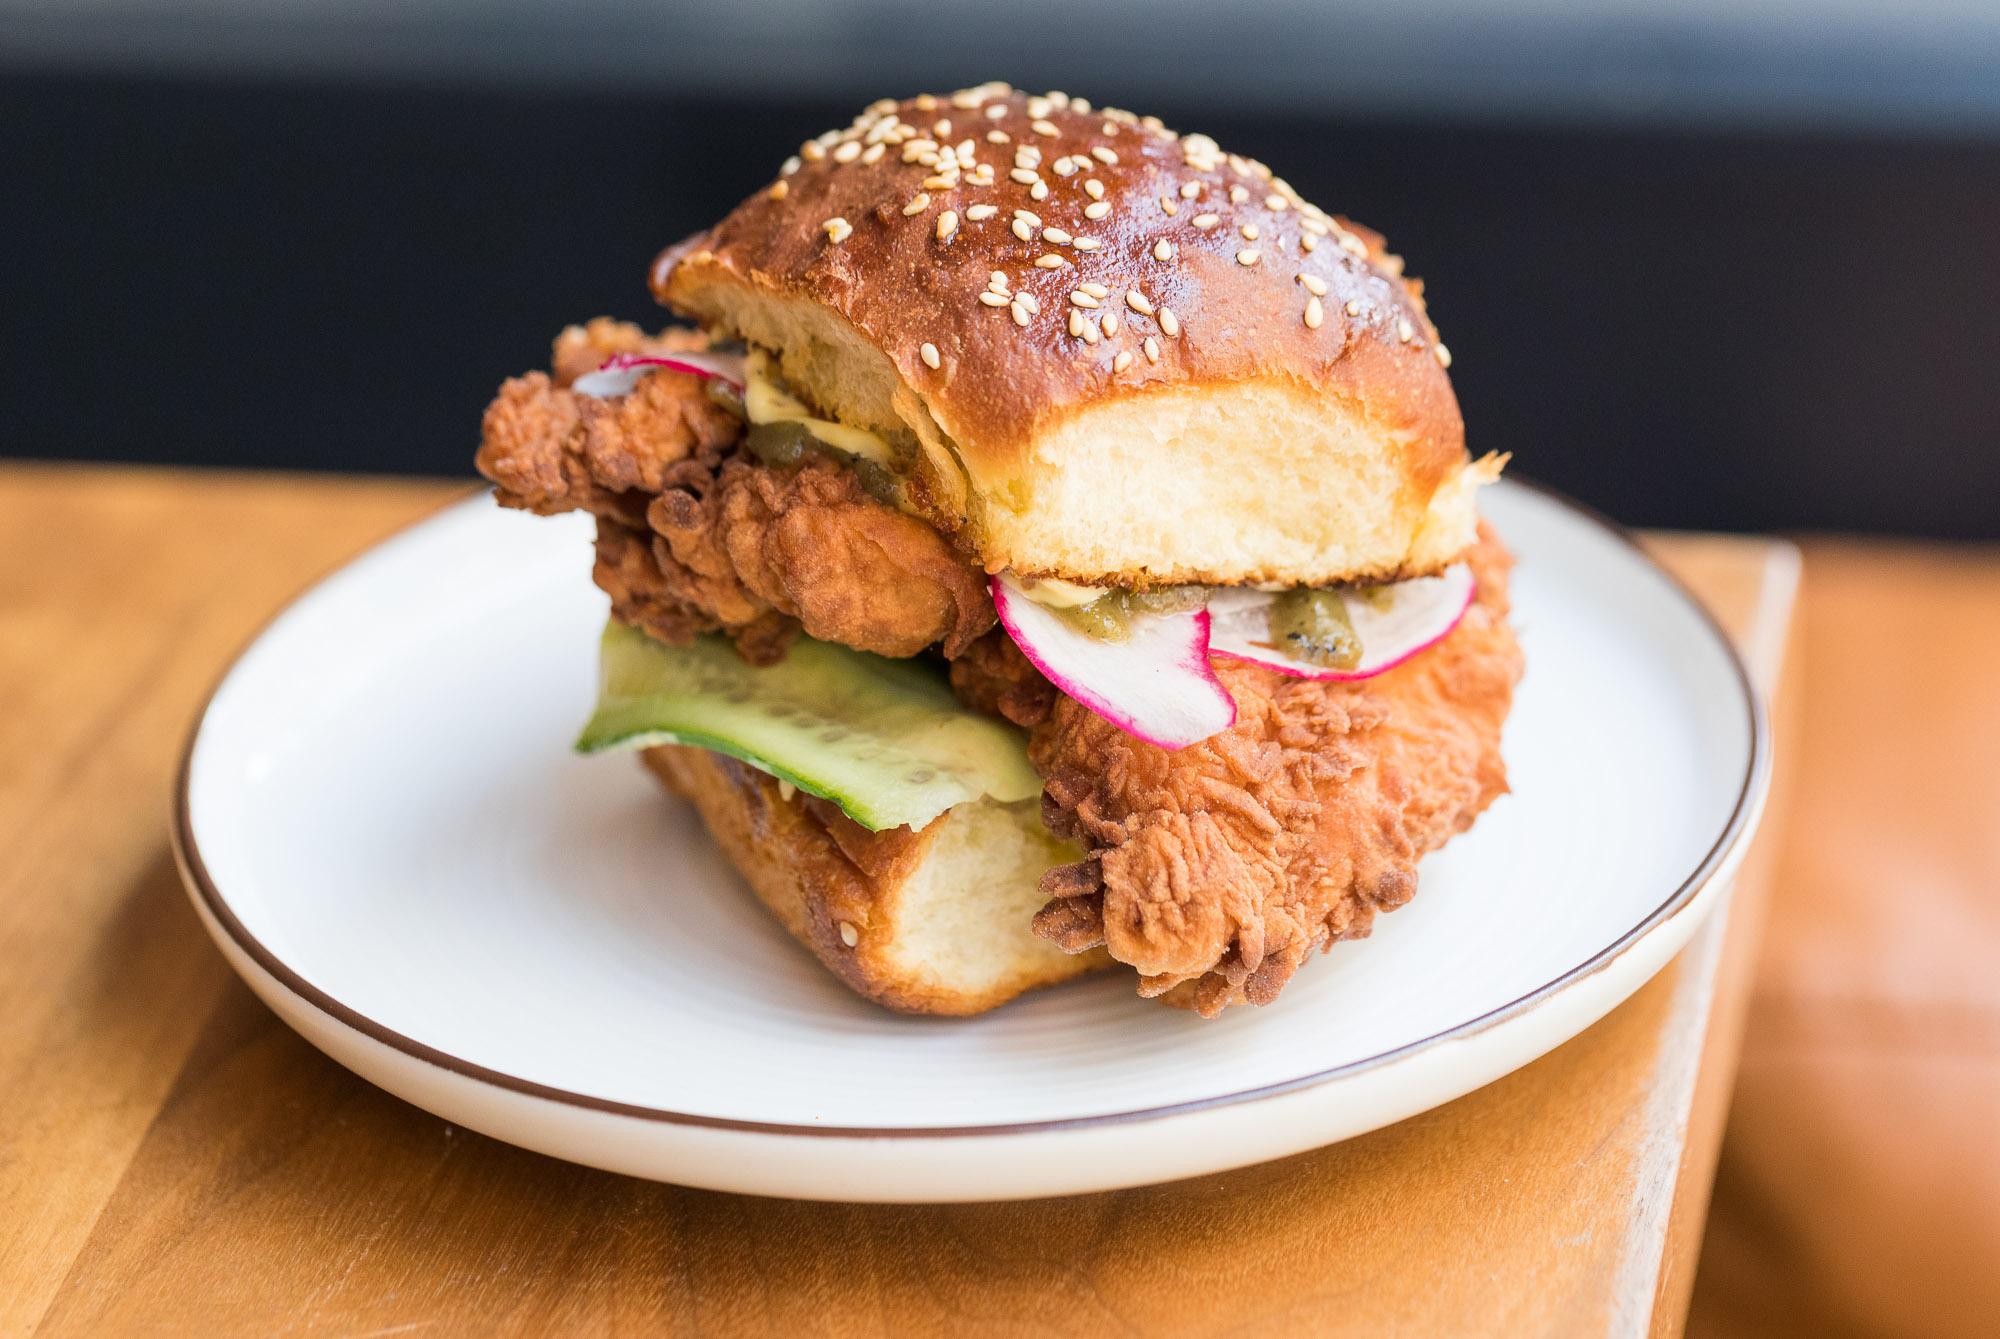 Fried chicken sandwich at Orsa & Winston